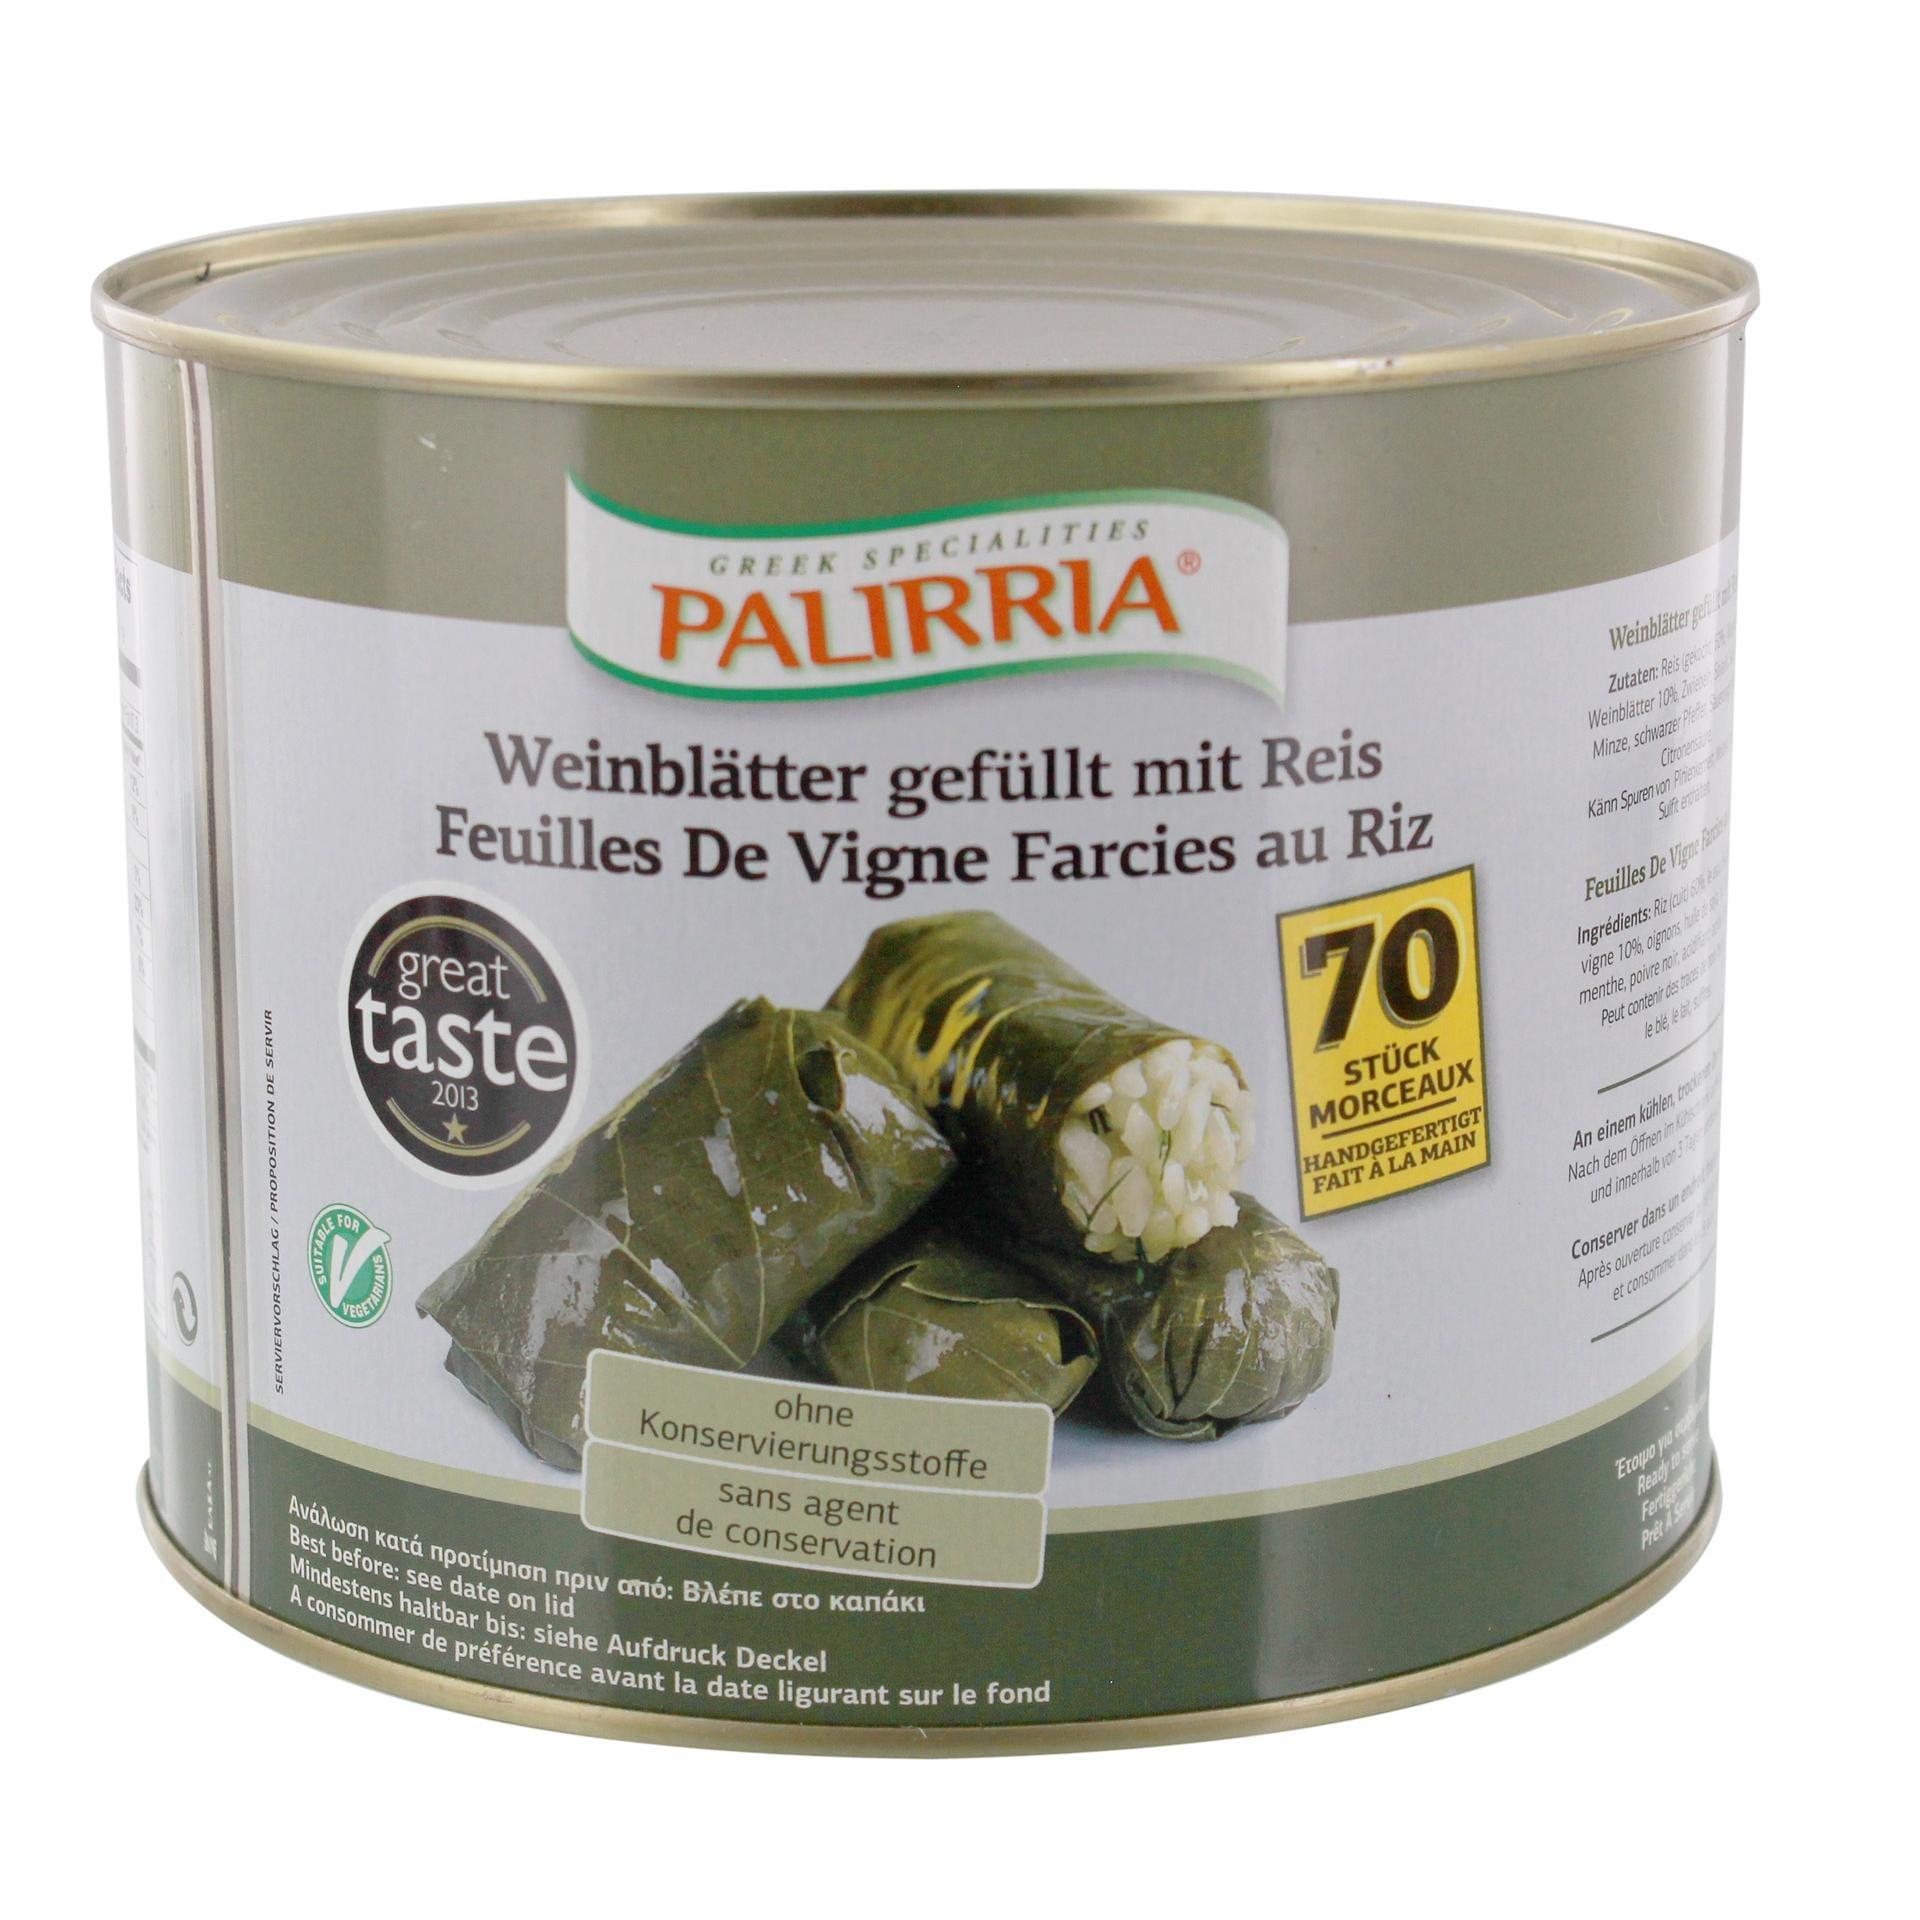 Palirria Weinblätter gefüllt mit Reis 2,1kg